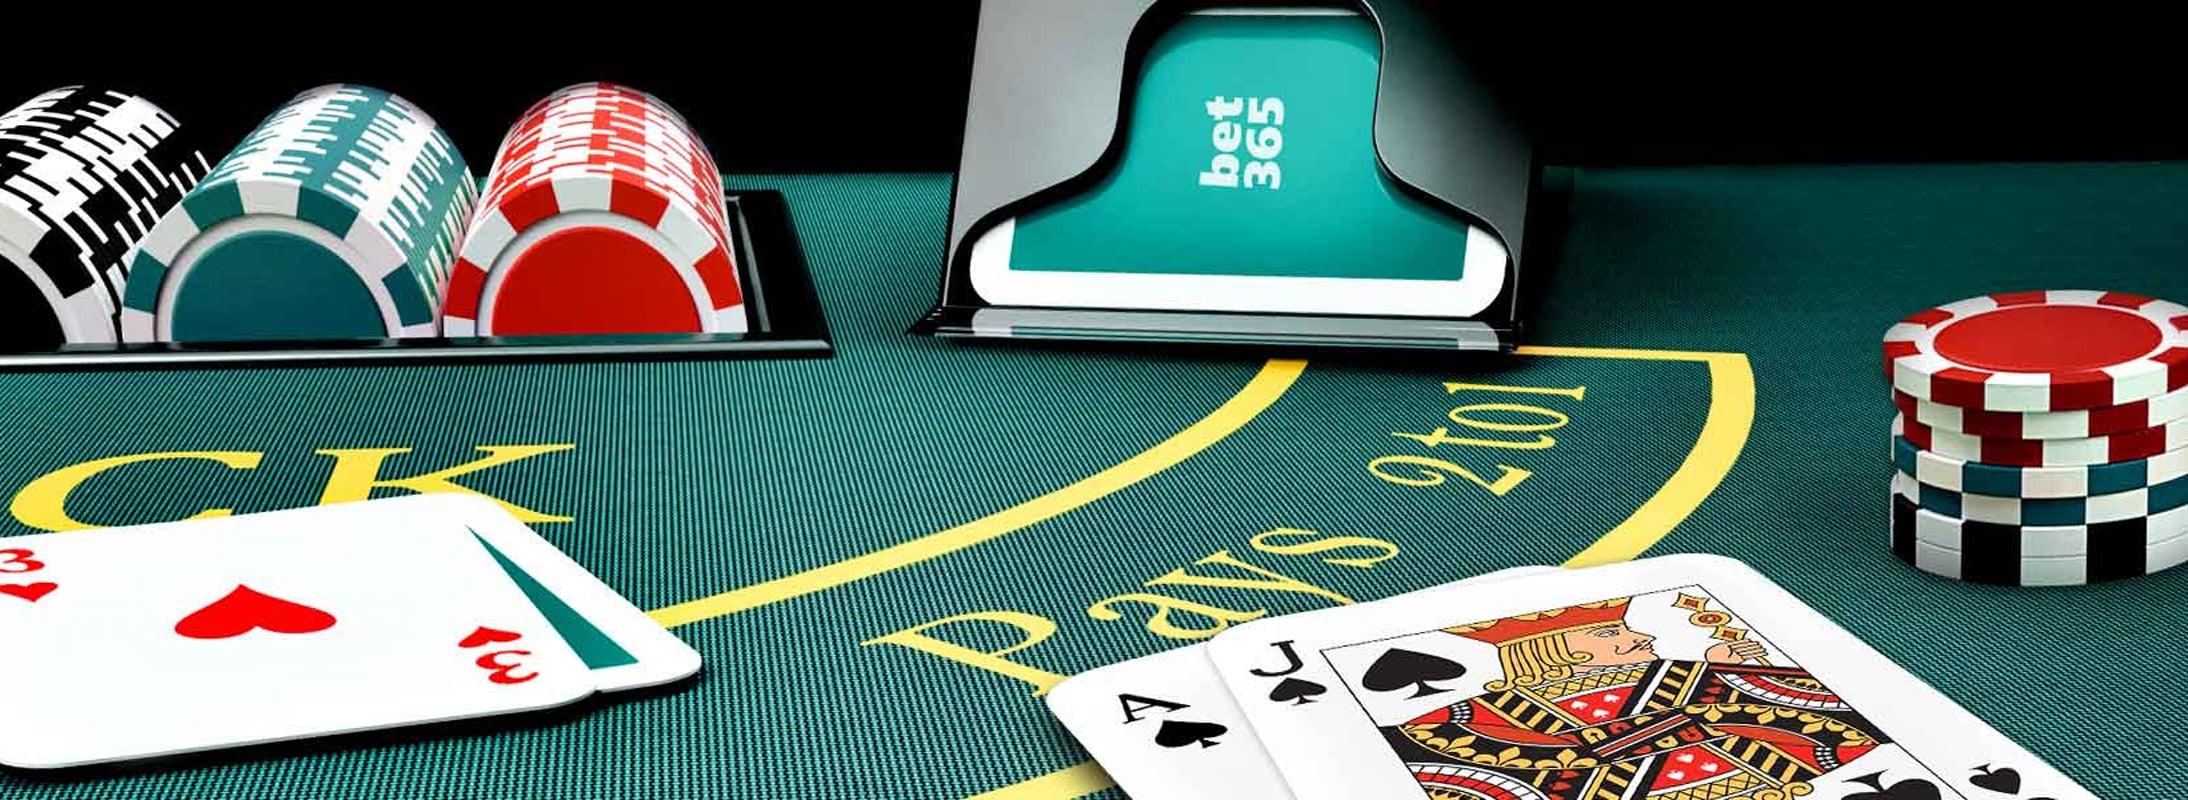 Casinonyheter - uke 36 - Norway CasinoTop Banner 02